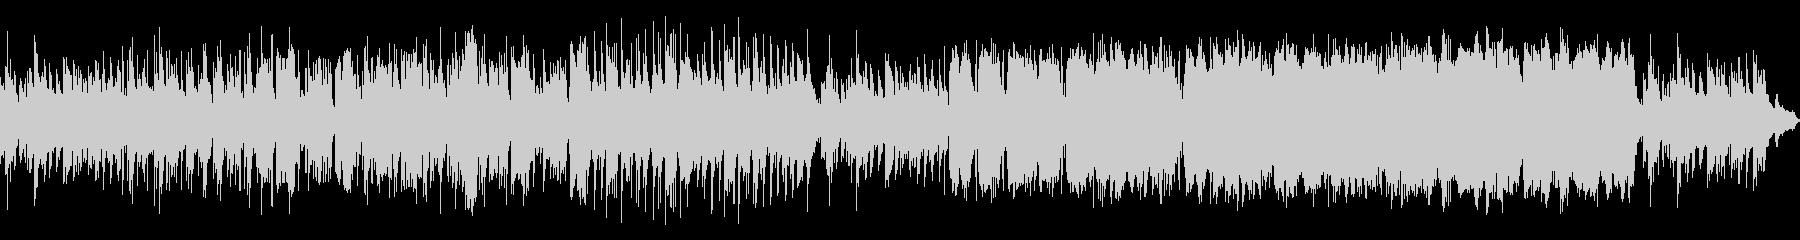 しっとりとして切ない大人のジャズピアノ曲の未再生の波形